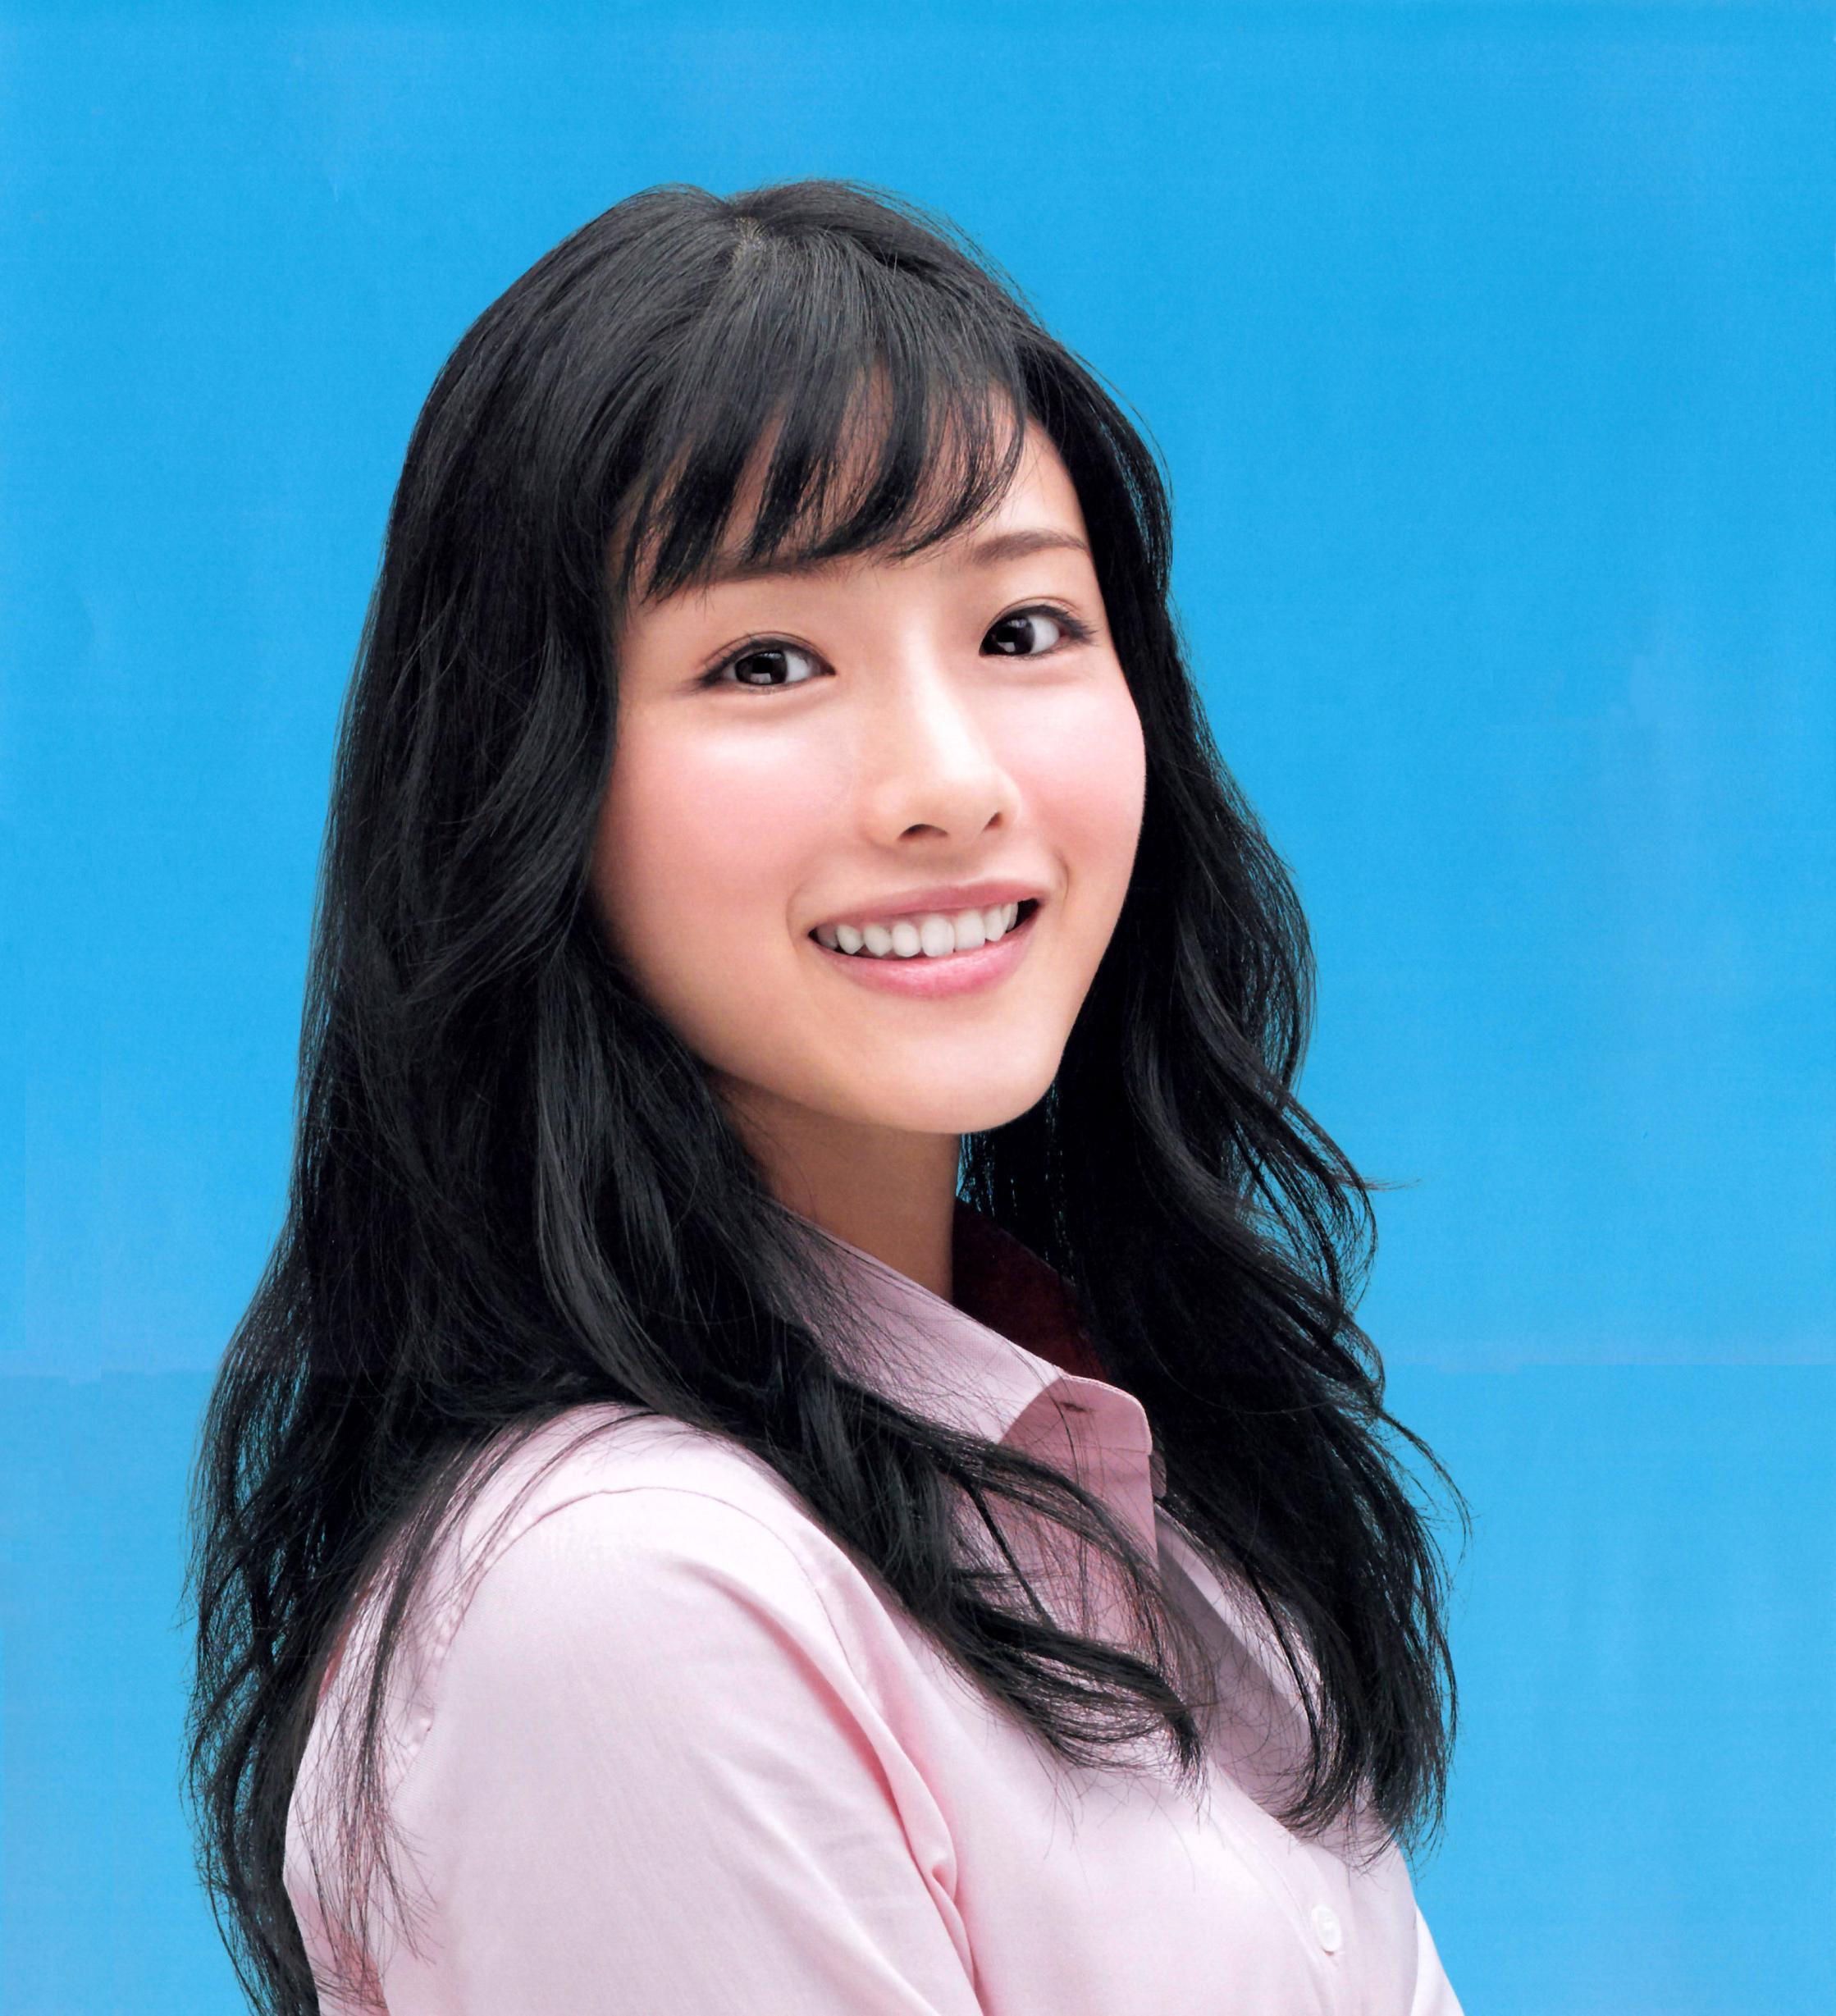 【清純派】女優、石原さとみさんのデビューから現在のドラマまとめ!のサムネイル画像